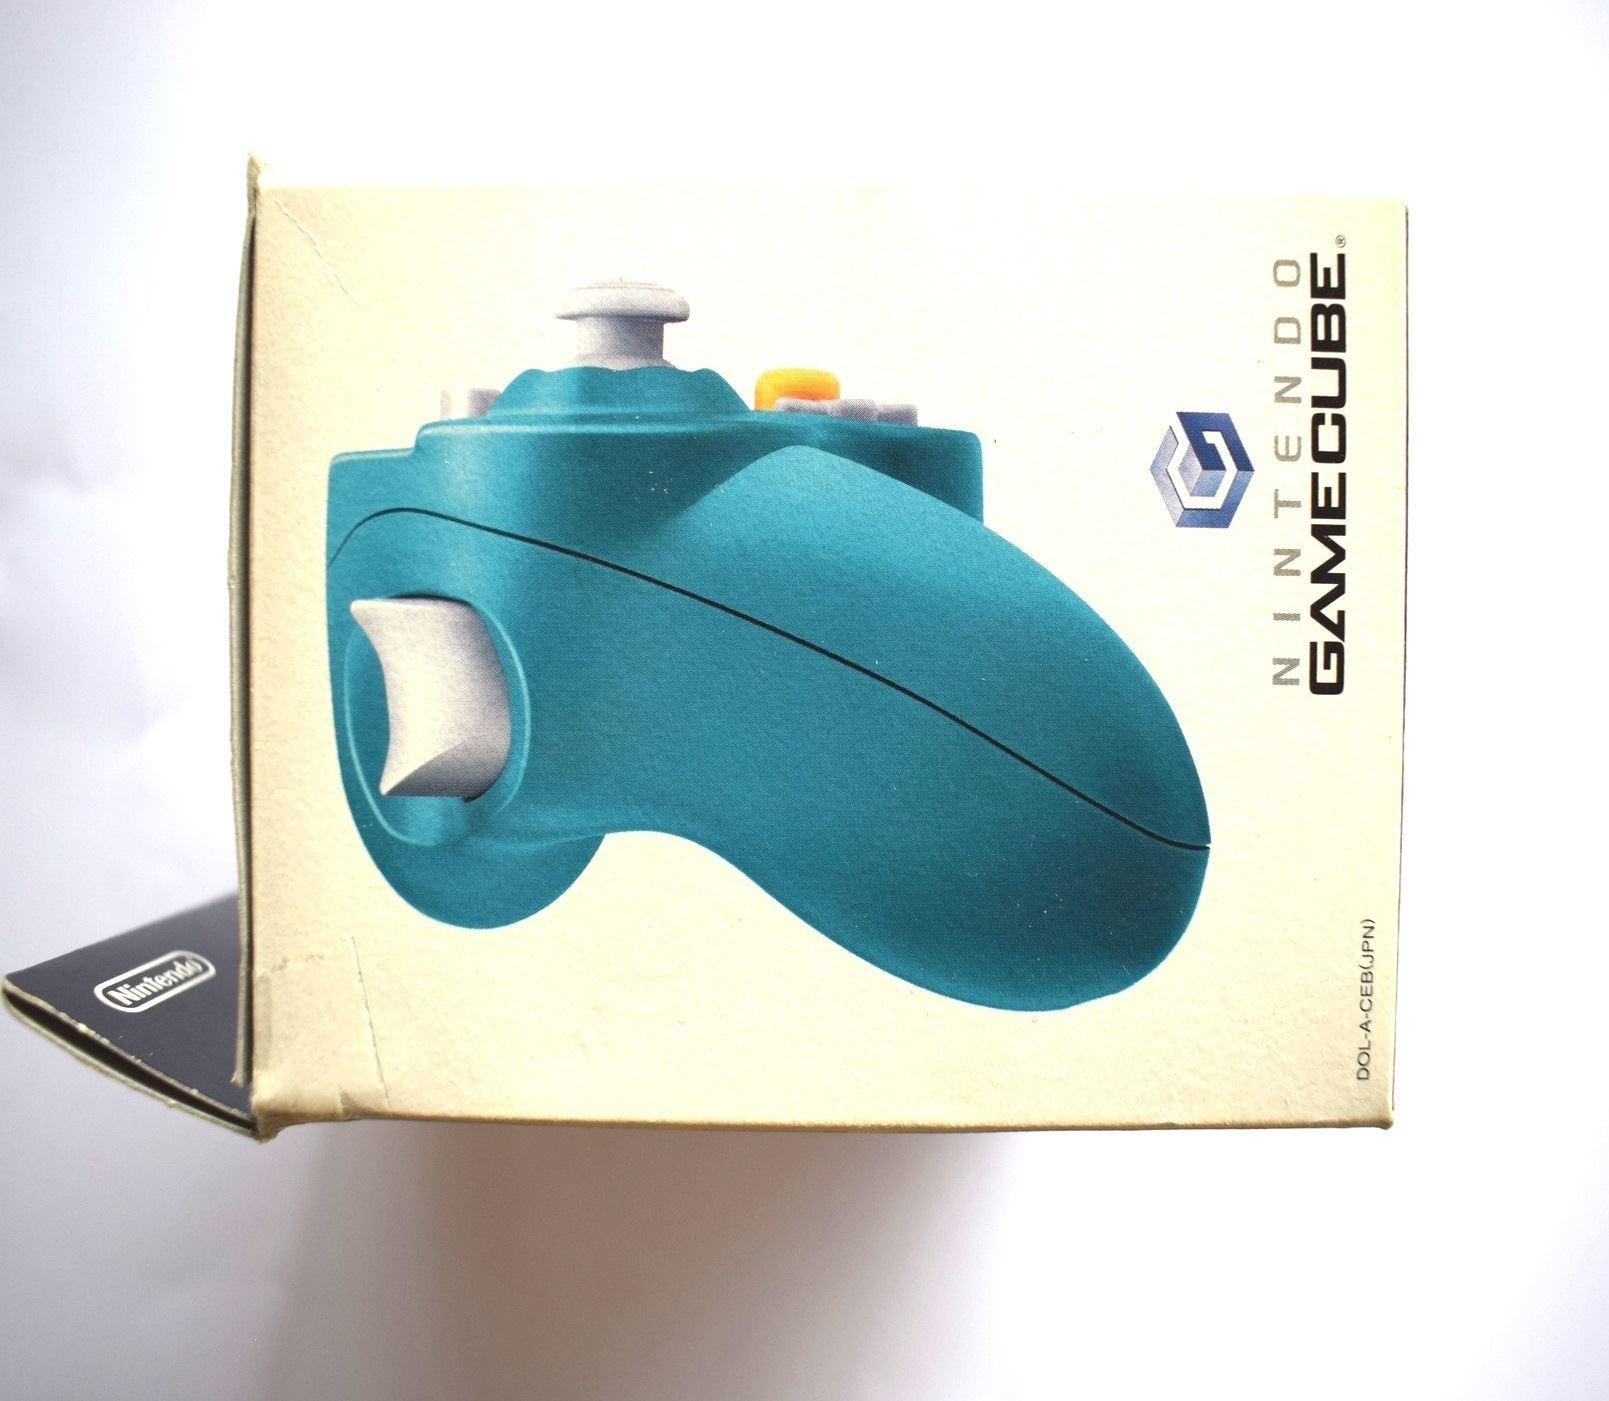 Nintendo-Gamecube-Ufficiale-Originale-Controller-Vari-Colori-Disponibile thumbnail 26